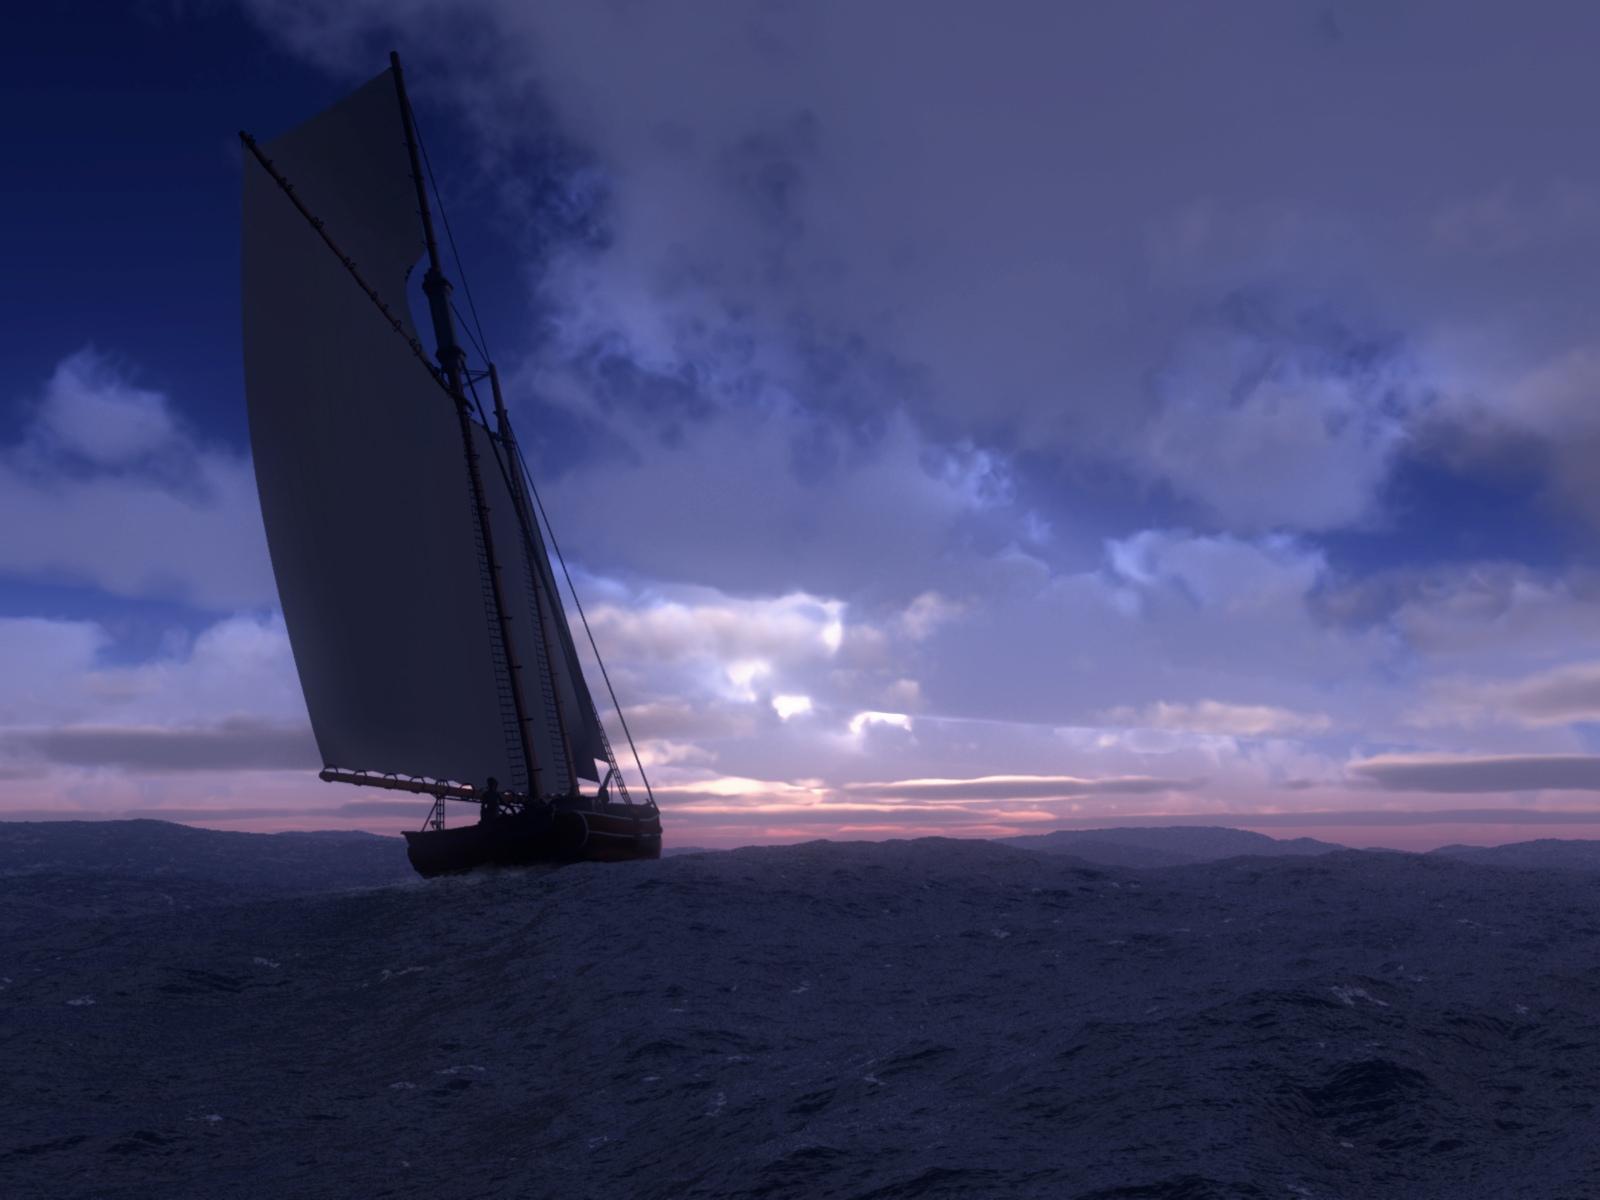 http://3.bp.blogspot.com/-Gr88TNq_adQ/UJWQNcEuLcI/AAAAAAAABDw/jJ1OmseM9k8/s1600/3D+Pirates+of+Caribbean+ships+wallpapers+(19).jpg